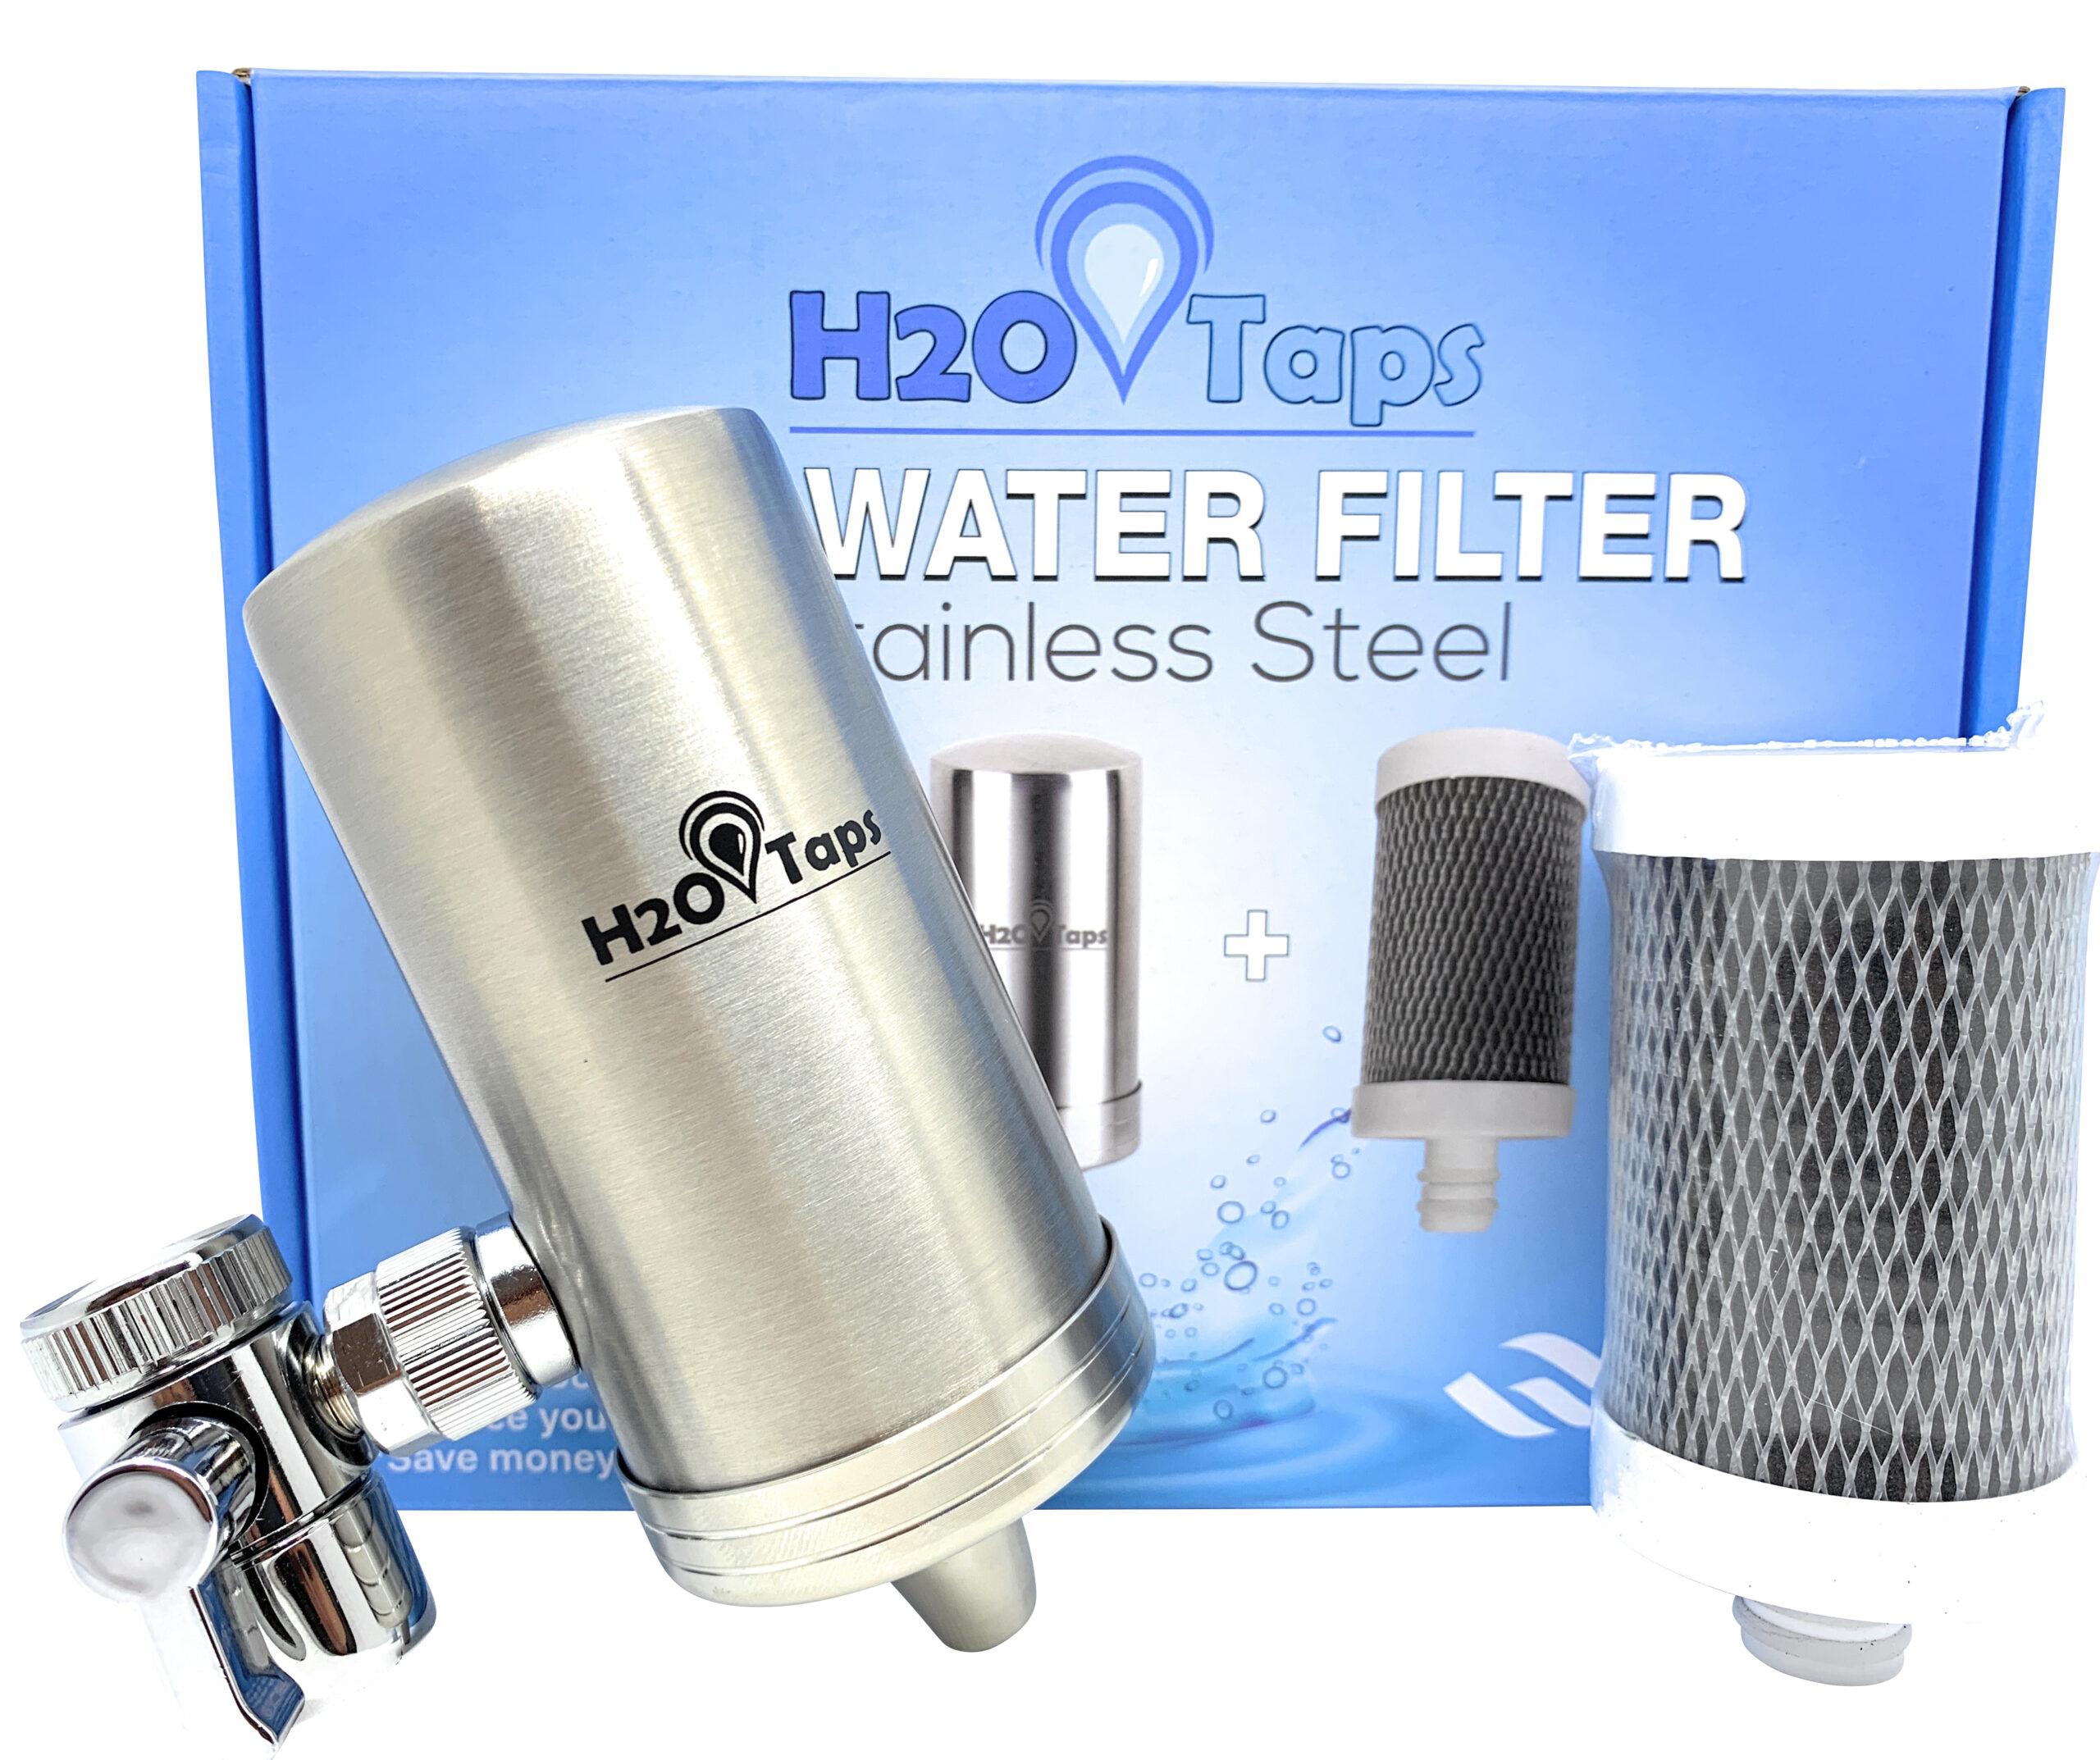 Los filtros de agua de H2O Taps